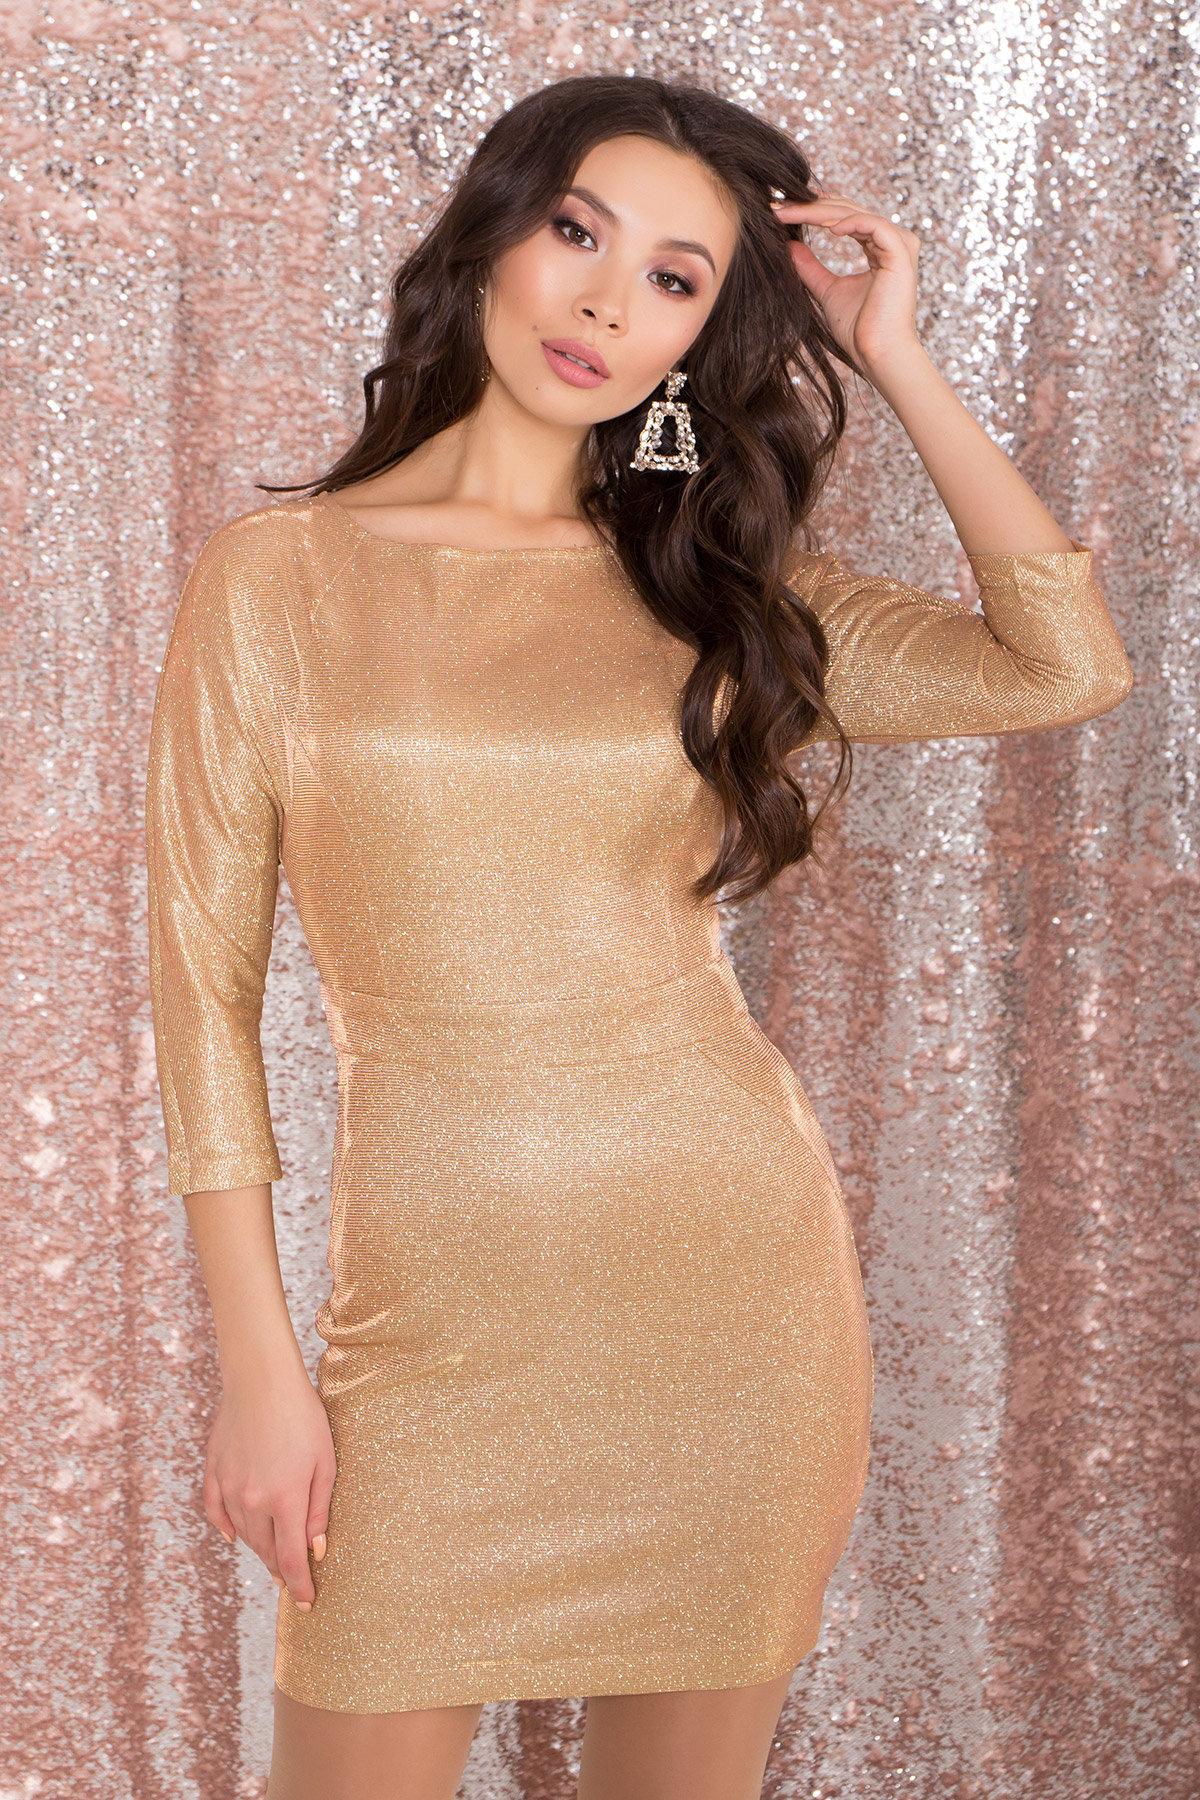 Платье-хамелеон из трикотажа с люрексом Инглот 8428 АРТ. 45008 Цвет: Золото/розовый - фото 4, интернет магазин tm-modus.ru